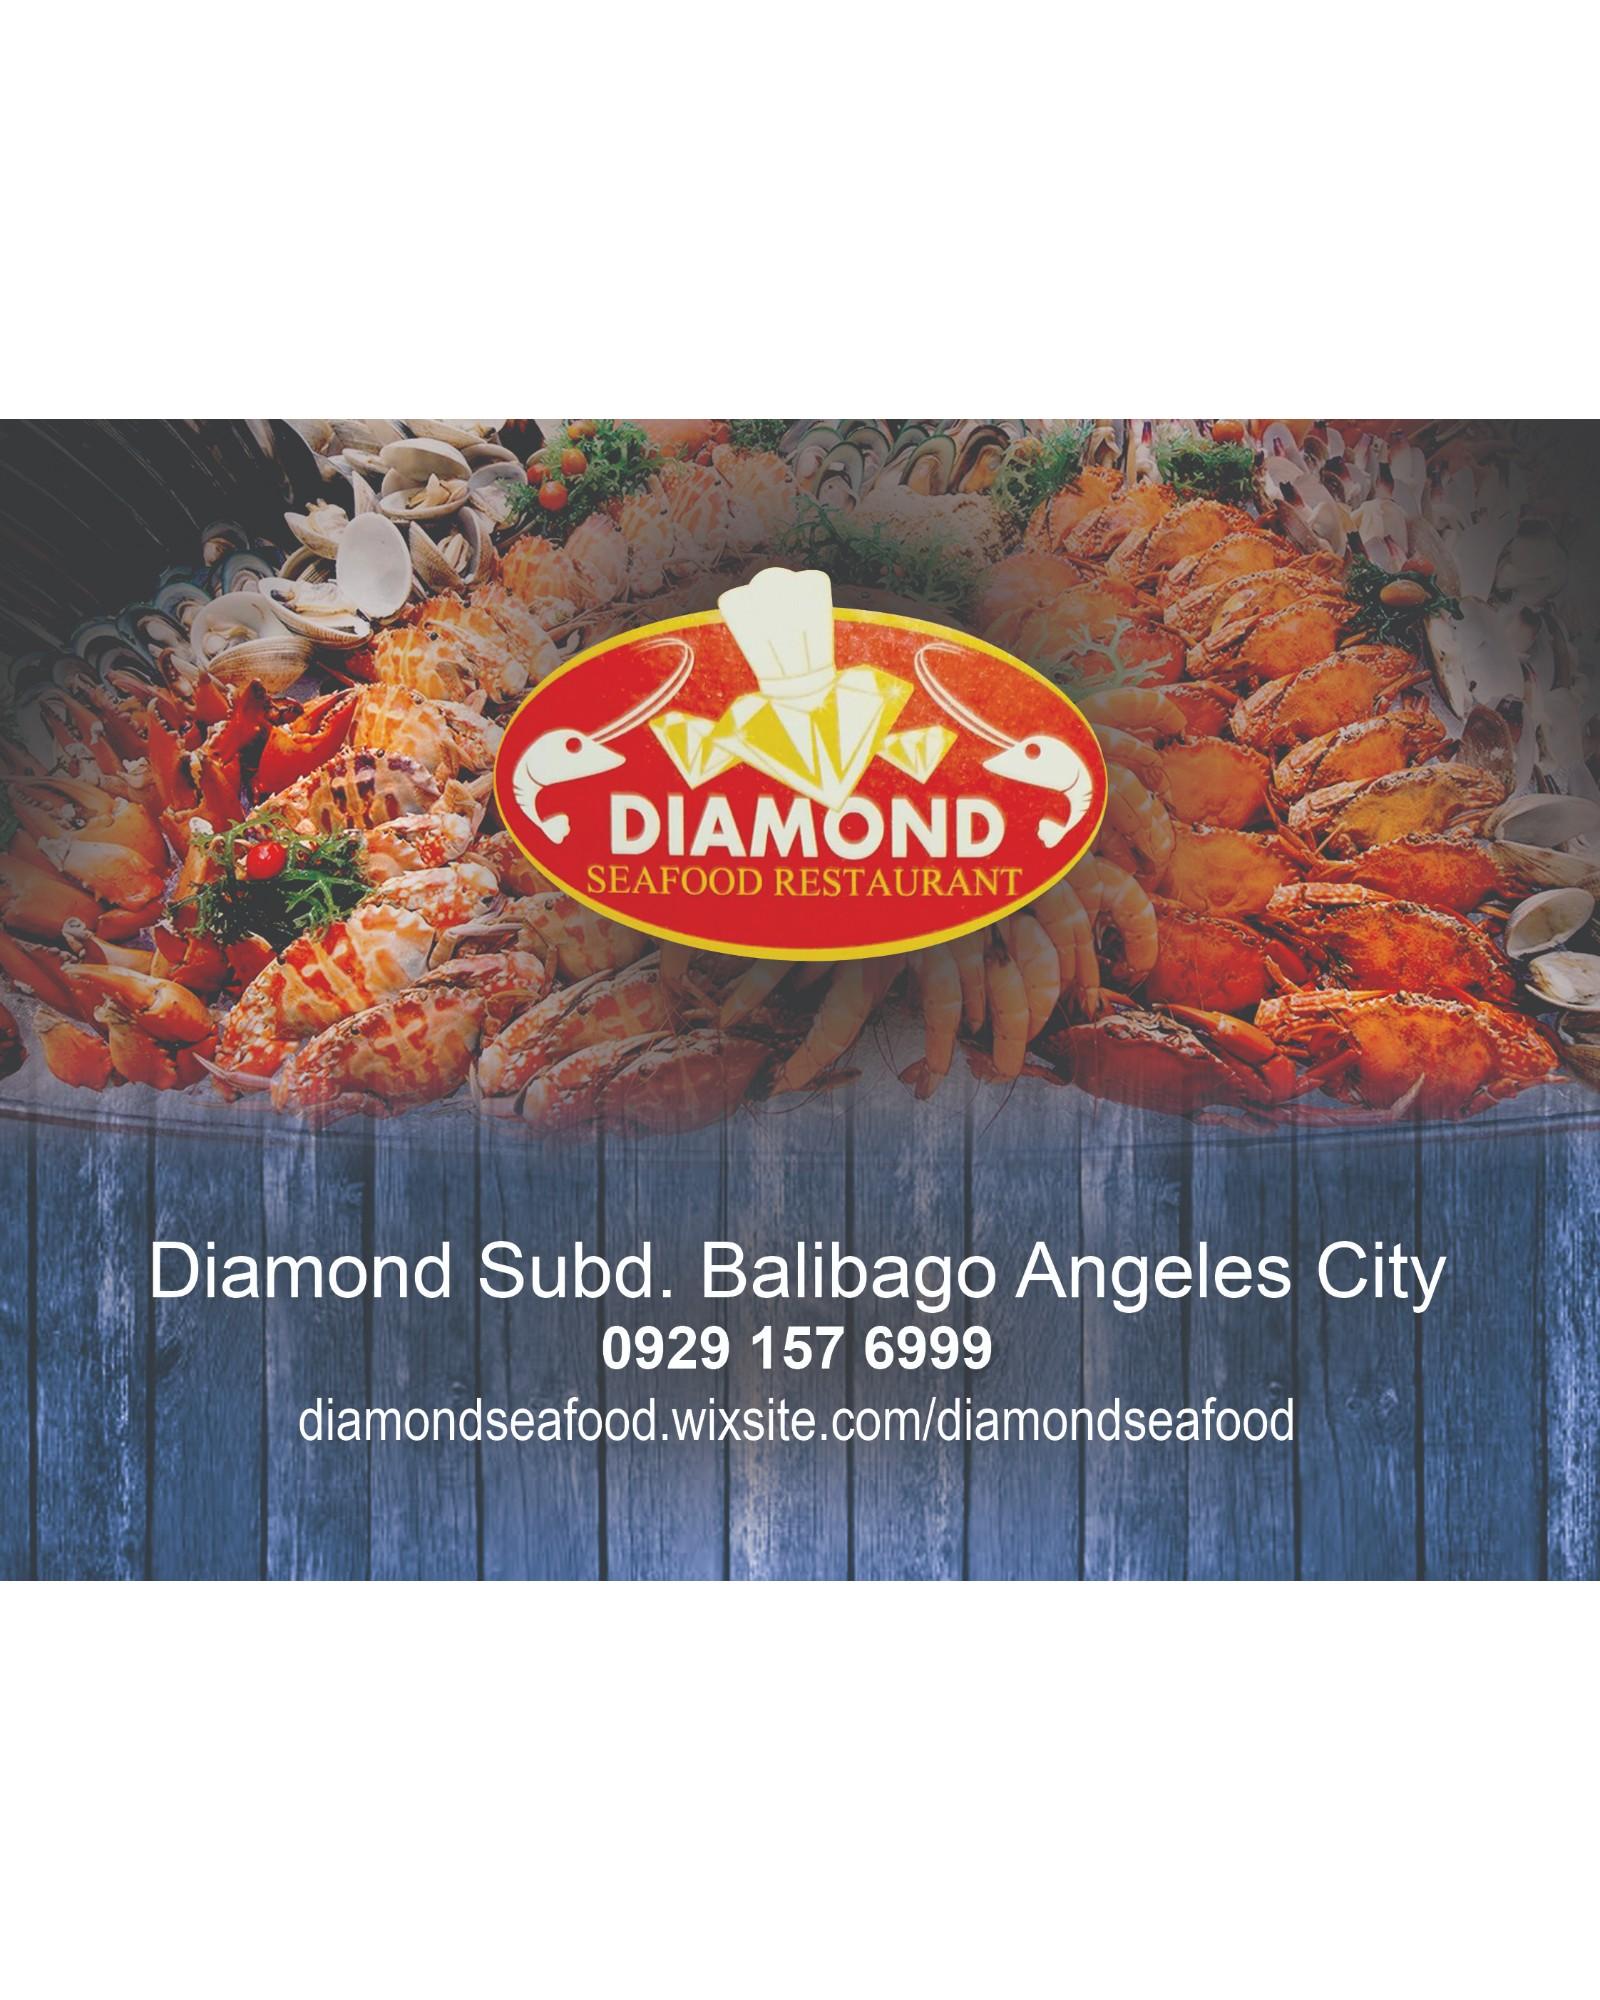 Diamond Seafood Restaurant